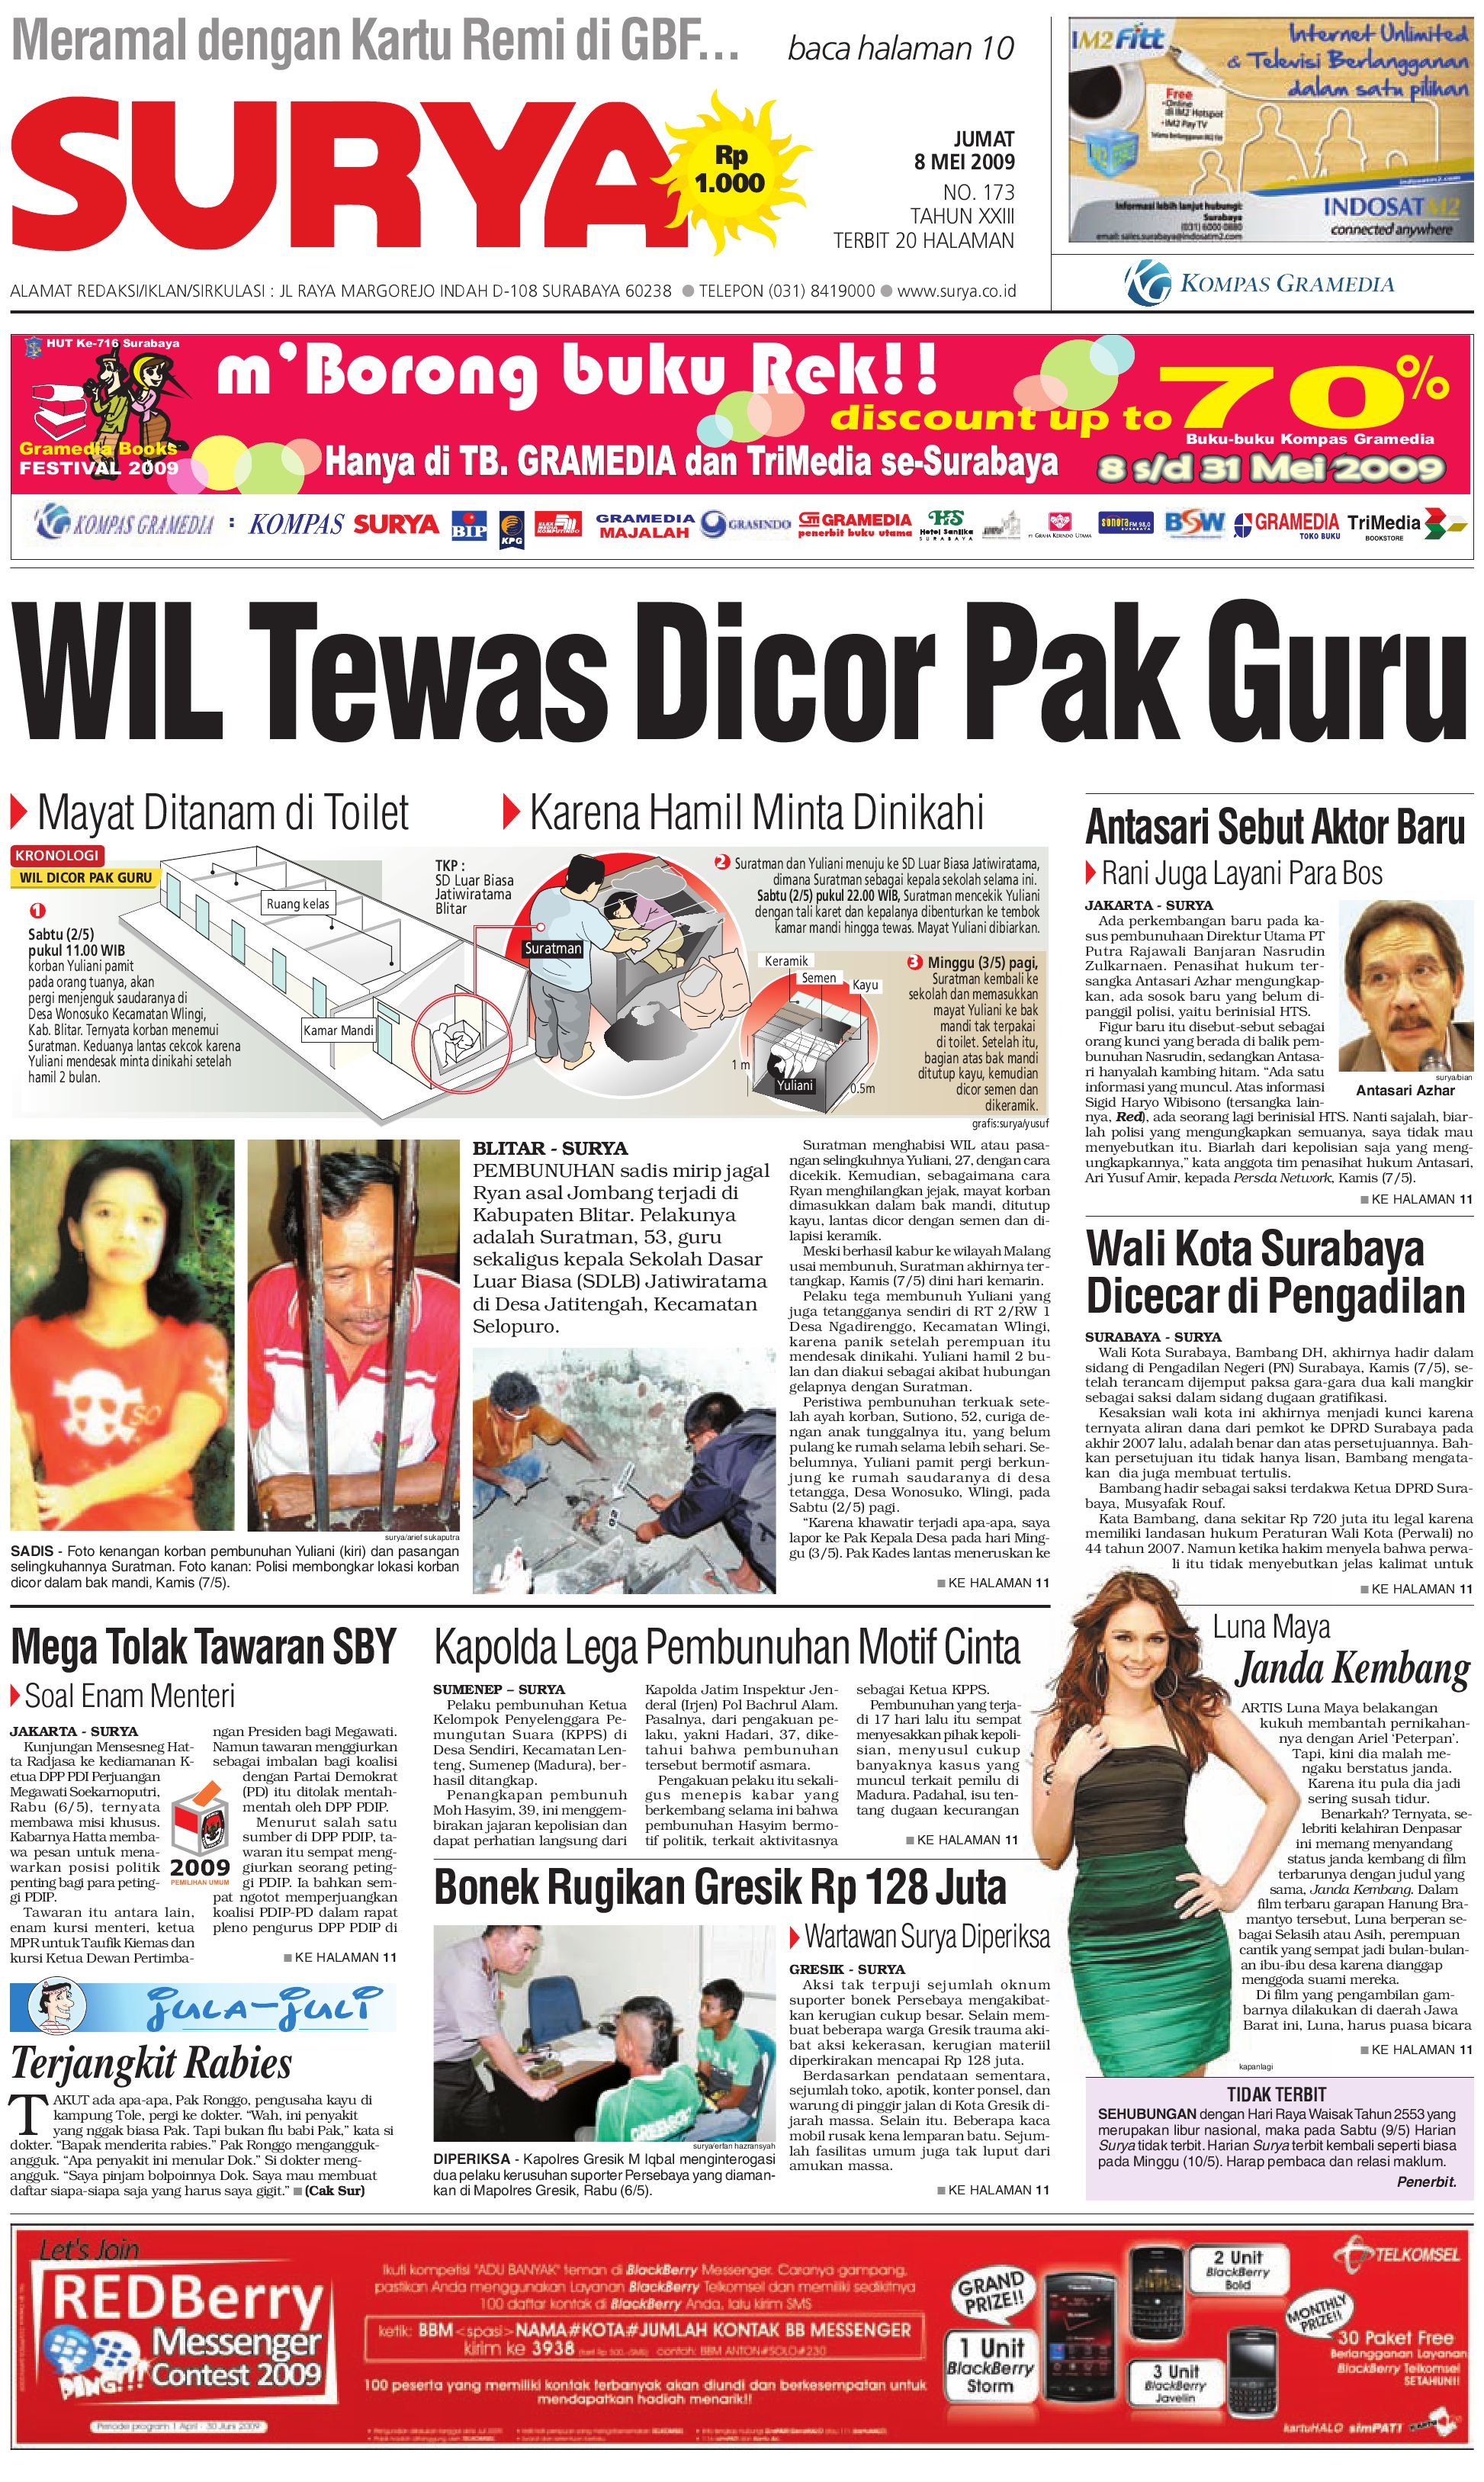 Surya edisi Cetak 08 Mei 2009 by Harian SURYA - issuu fe4a2254b2